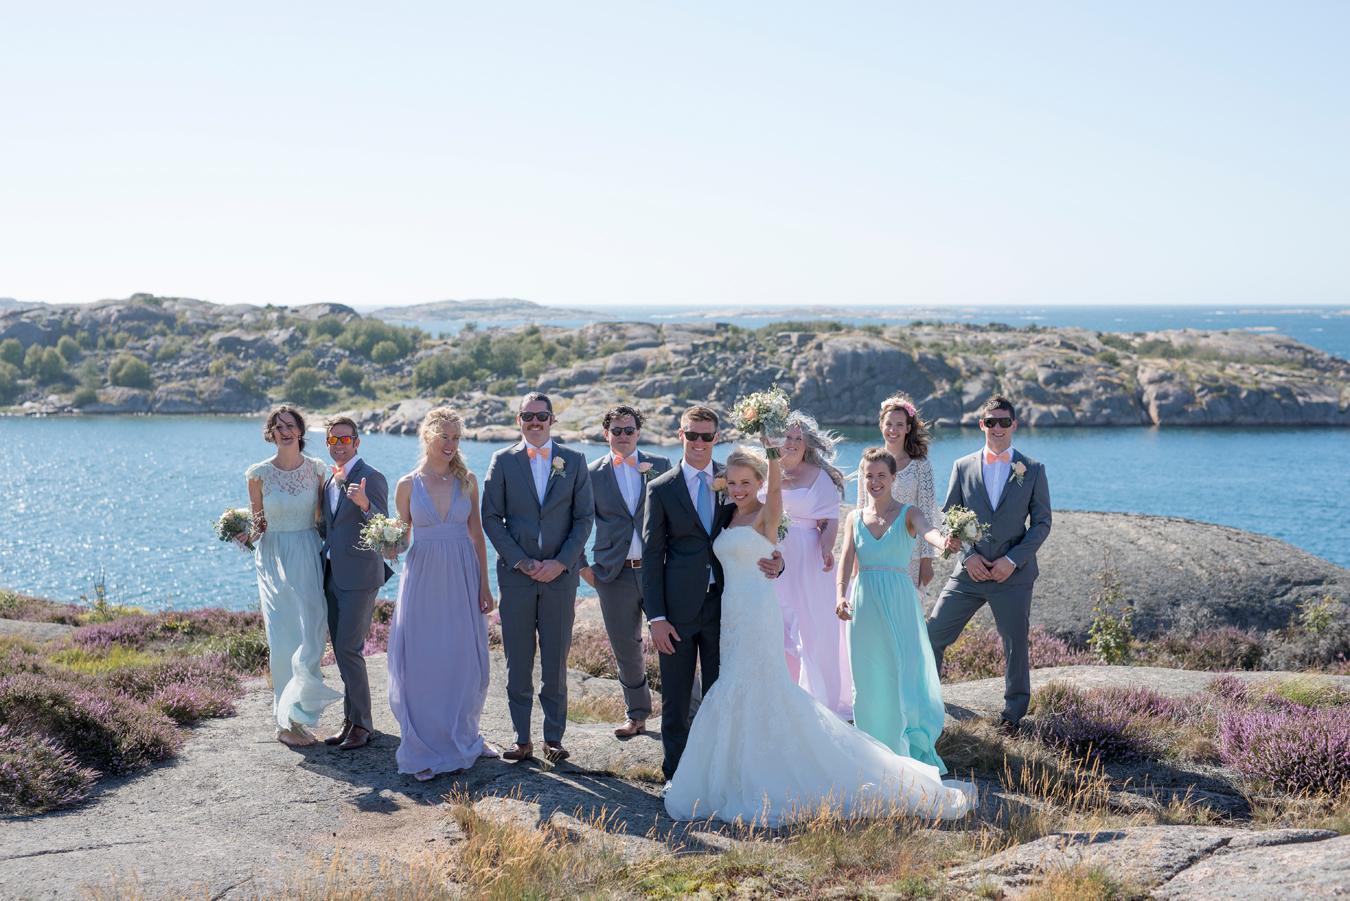 045-bröllopsfotograf-ulebergshamn-göteborg-neas-fotografi.jpg